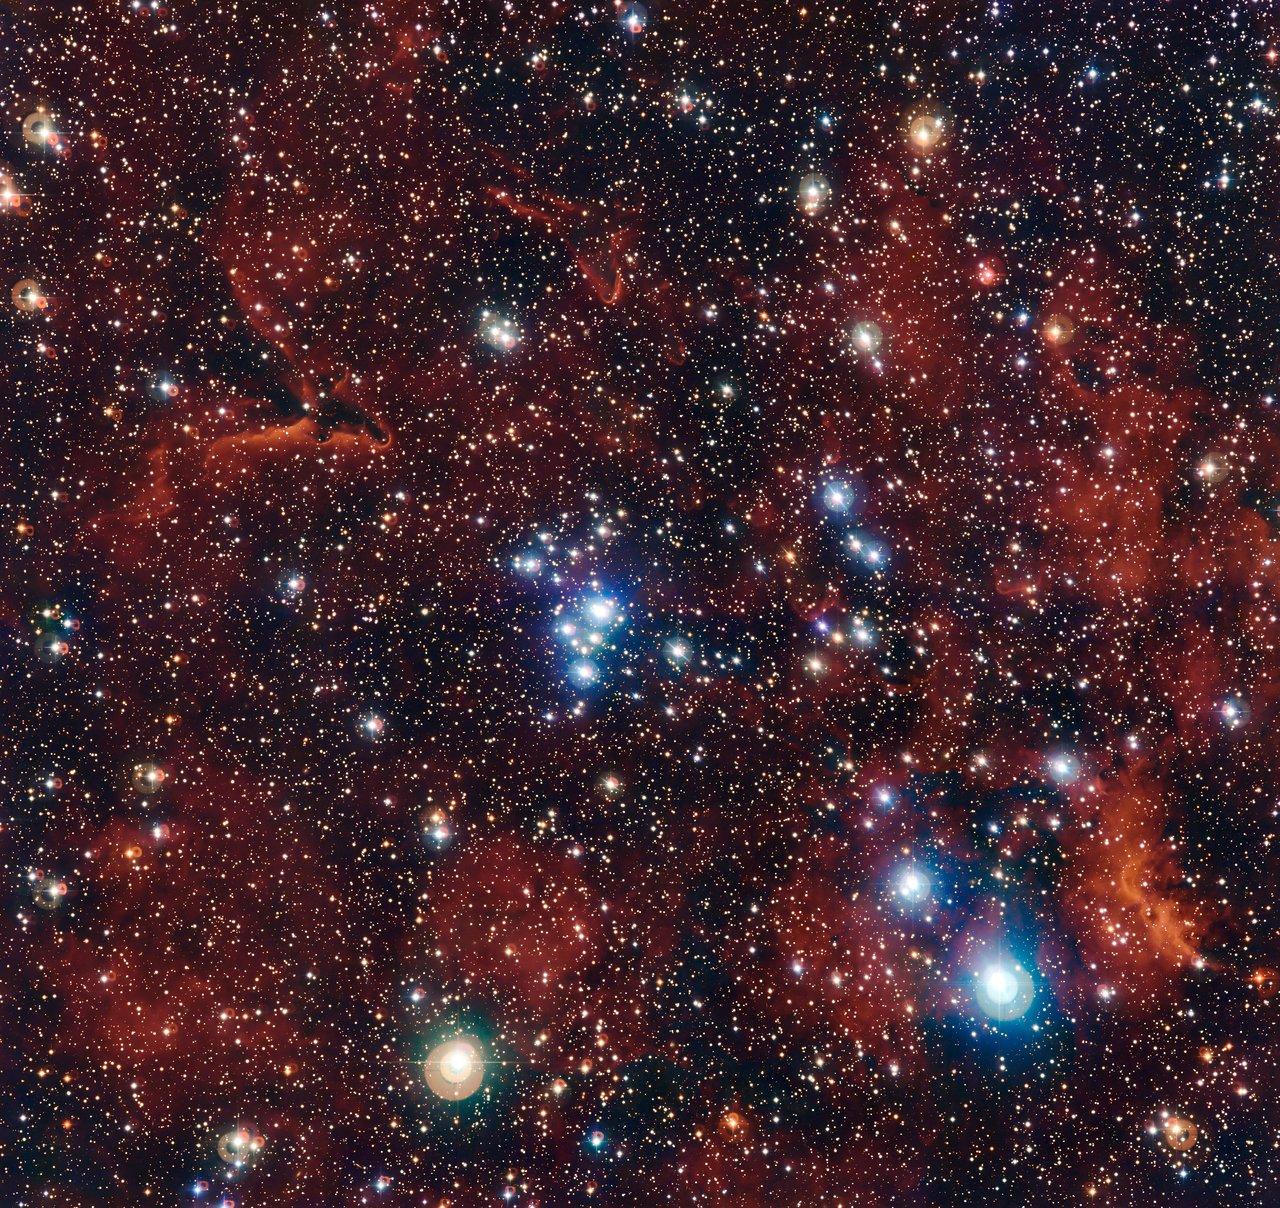 Esta imagen en la que vemos un conjunto de coloridas estrellas y gas fue captada por la cámara de amplio campo WFI (Wide Field Imager), instalada en el telescopio de 2,2 metros MPG/ESO, en el Observatorio La Silla de ESO, en Chile. Muestra un joven cúmulo abierto de estrellas conocido como NGC 2367, una agrupación estelar infantil que se encuentra en el centro de una inmensa y antigua estructura situada en los márgenes de la Vía Láctea.